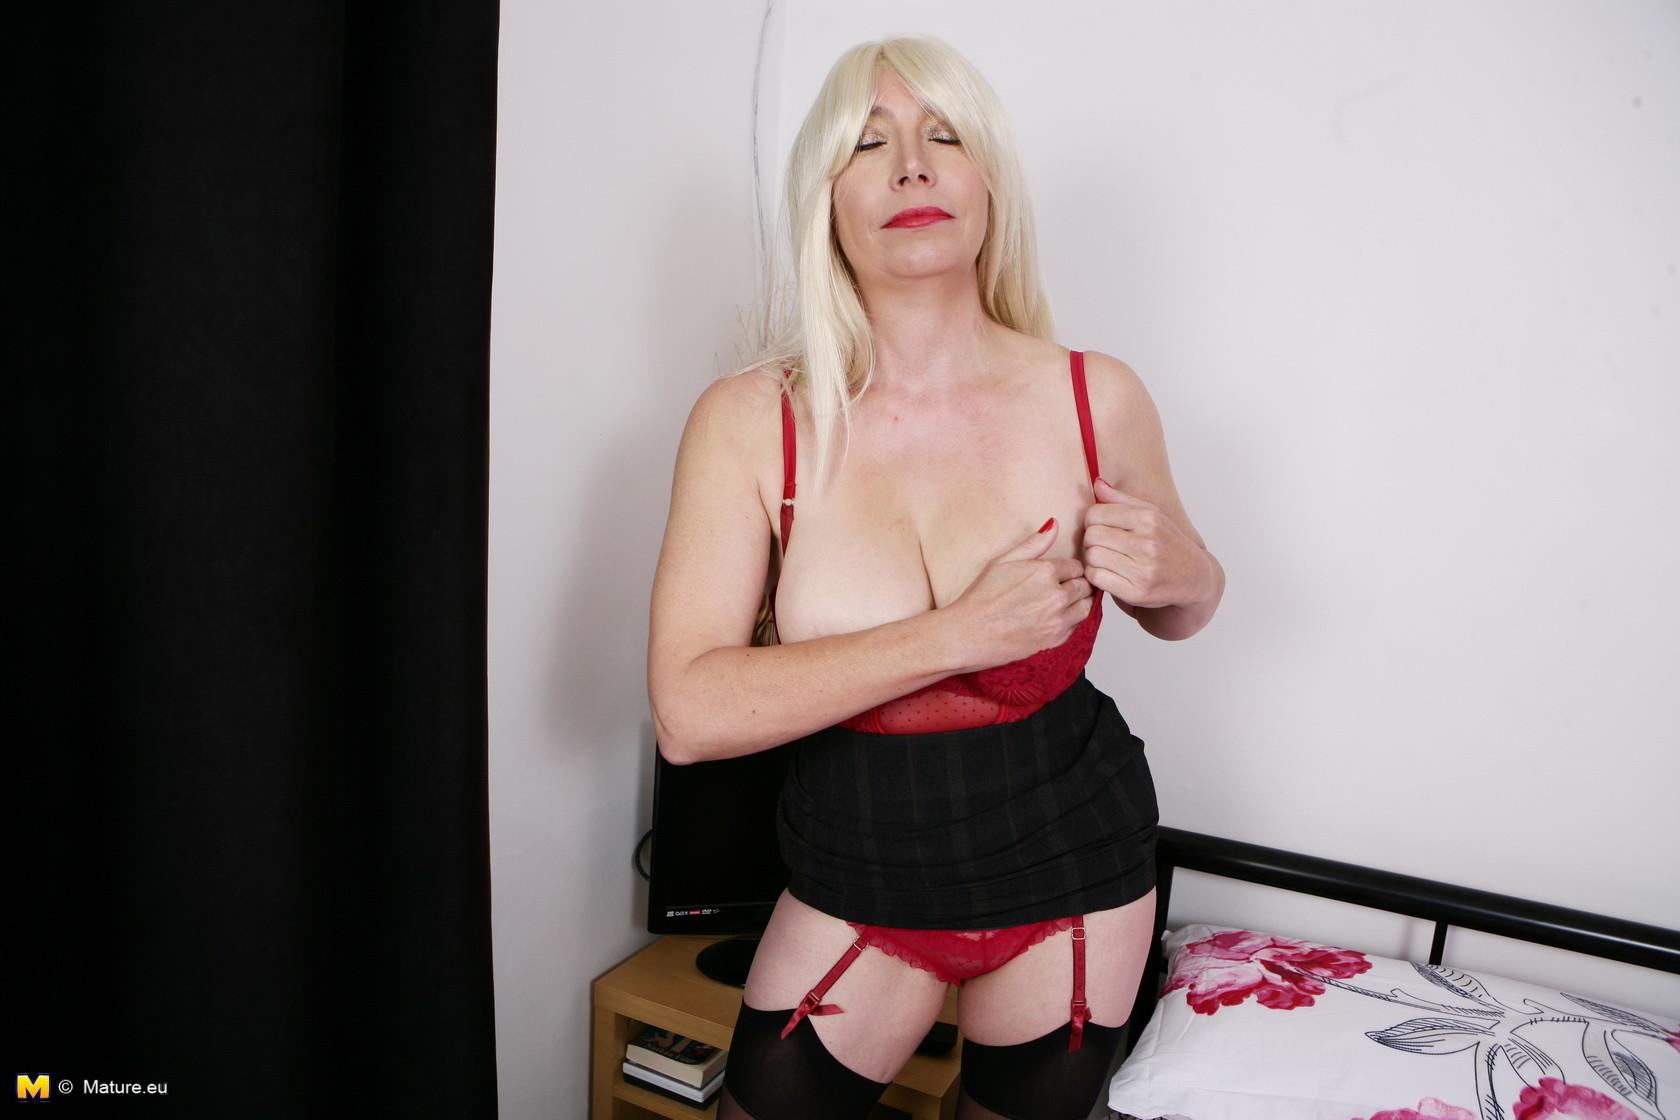 Хотя женщина уже немолода, но все же хочет почувствовать себя желанной и участвует в фотосессии